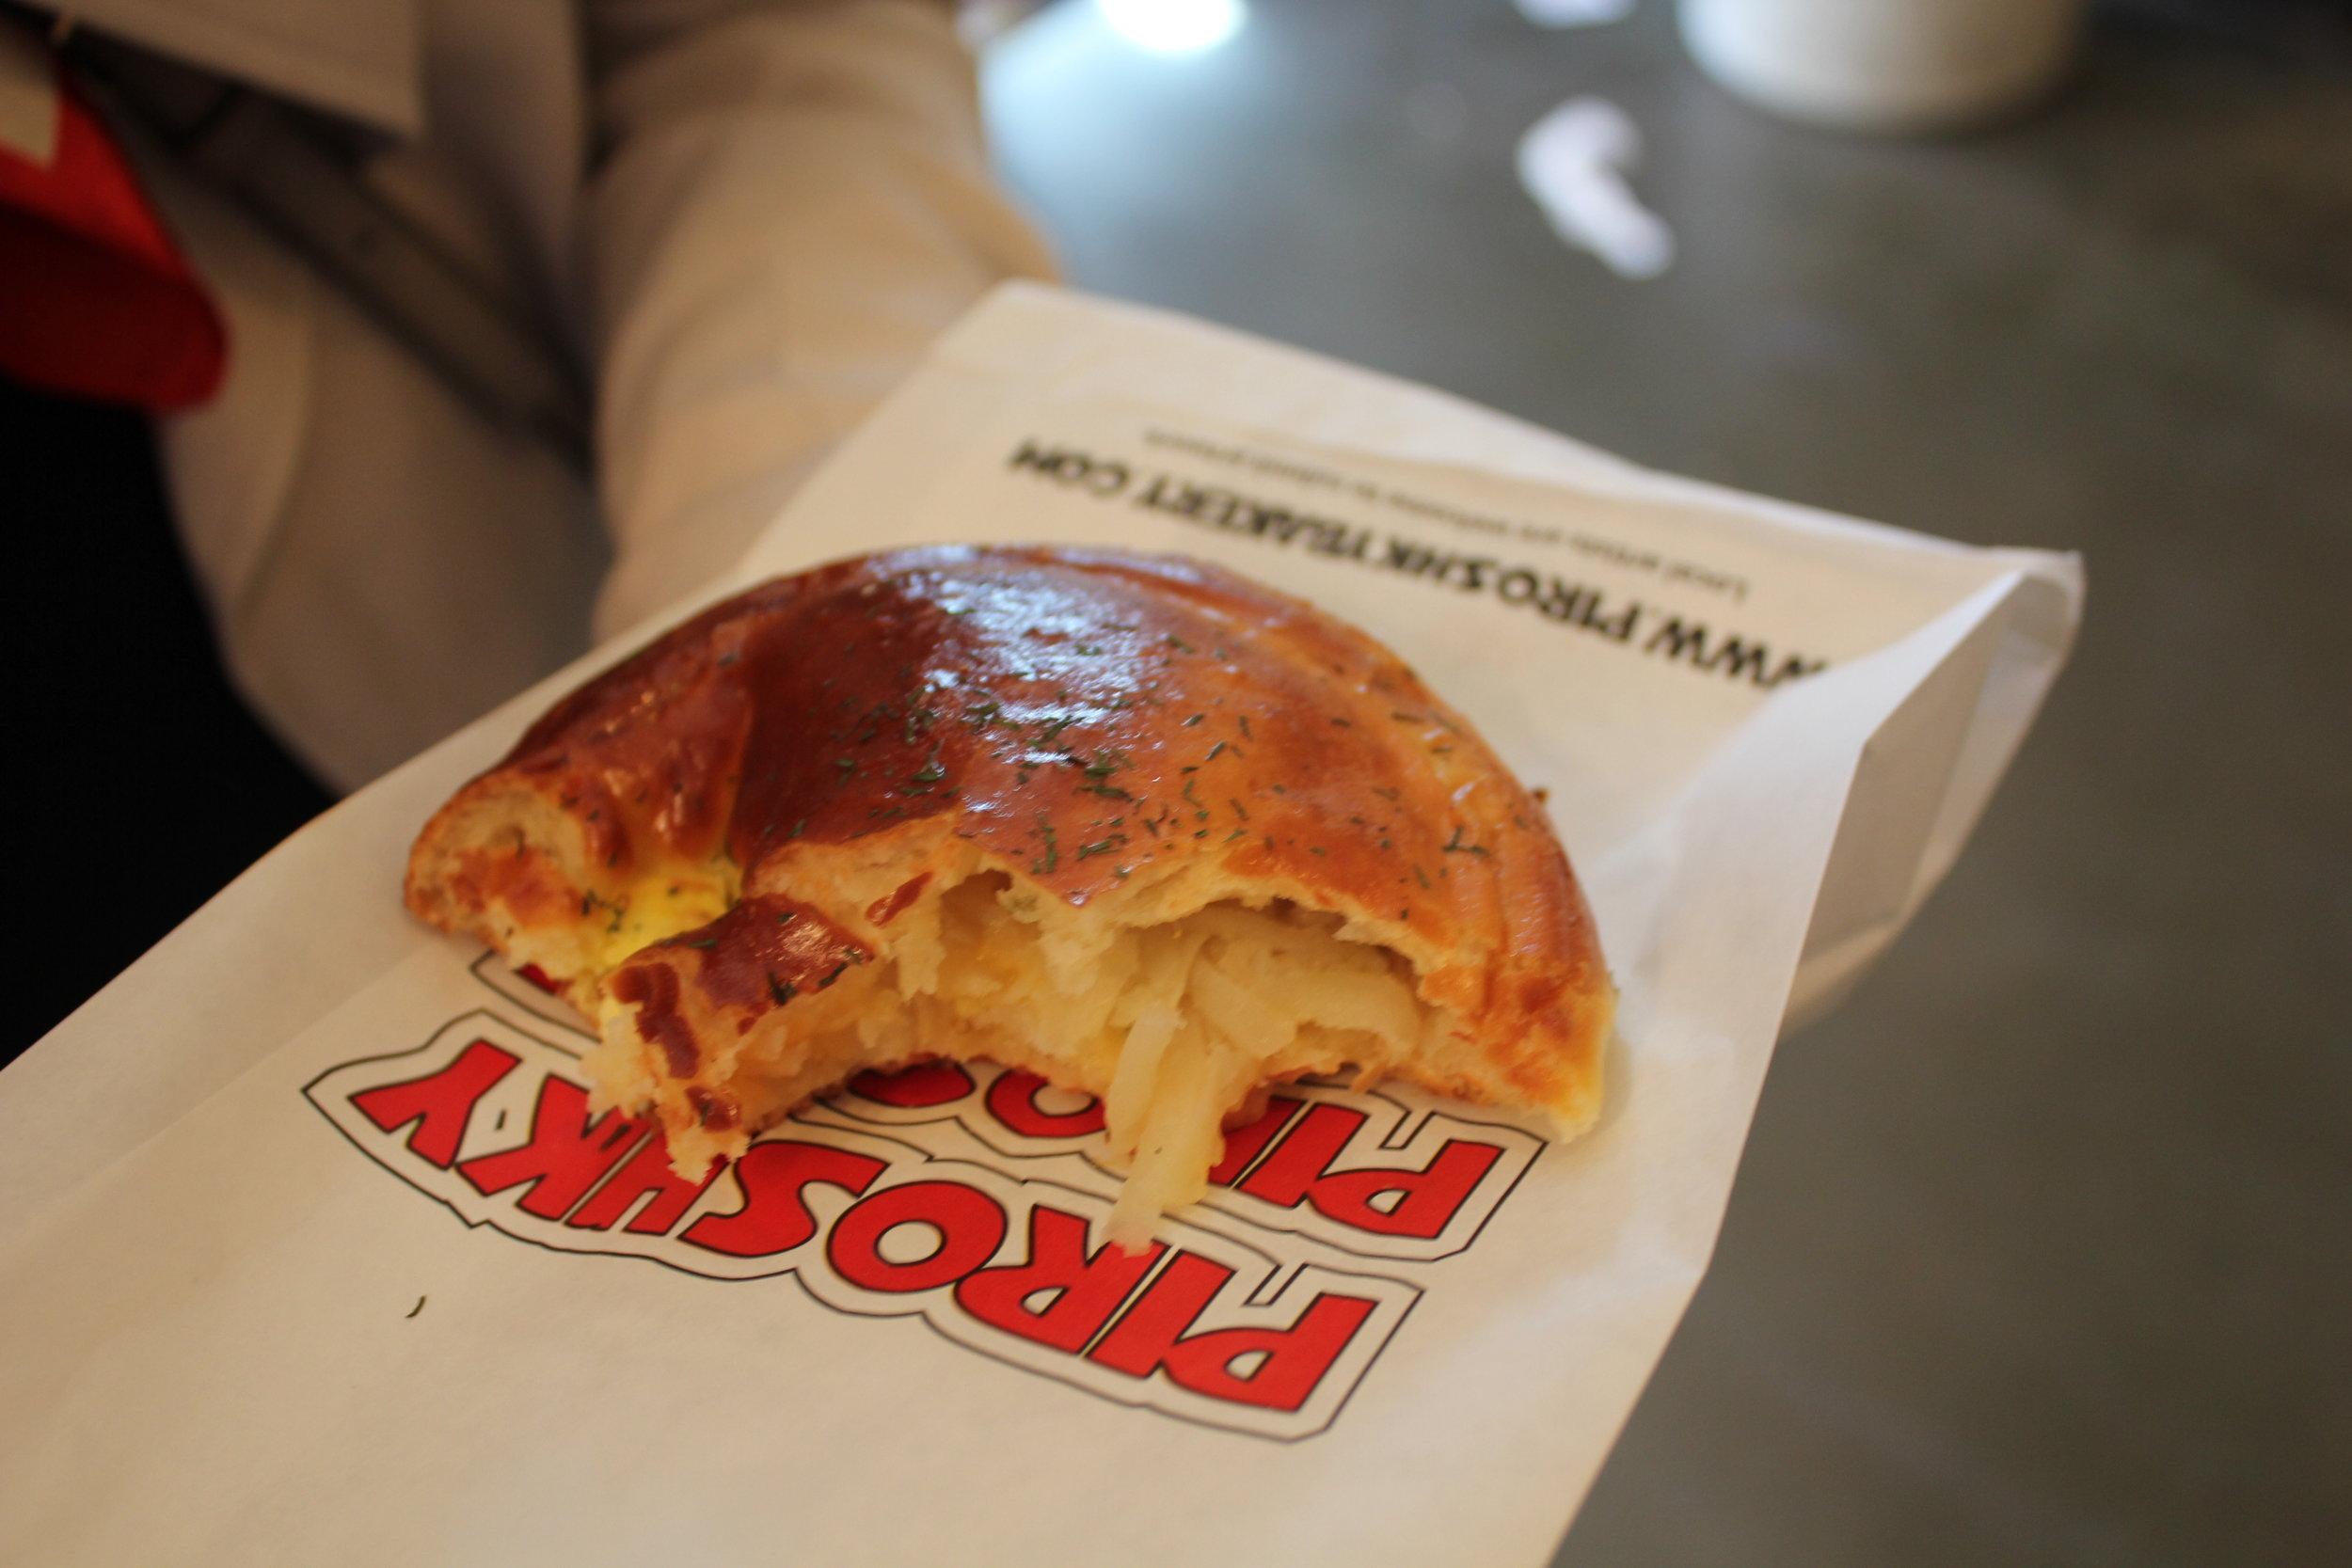 Pike Place Market – Potato & cheese pirozhki